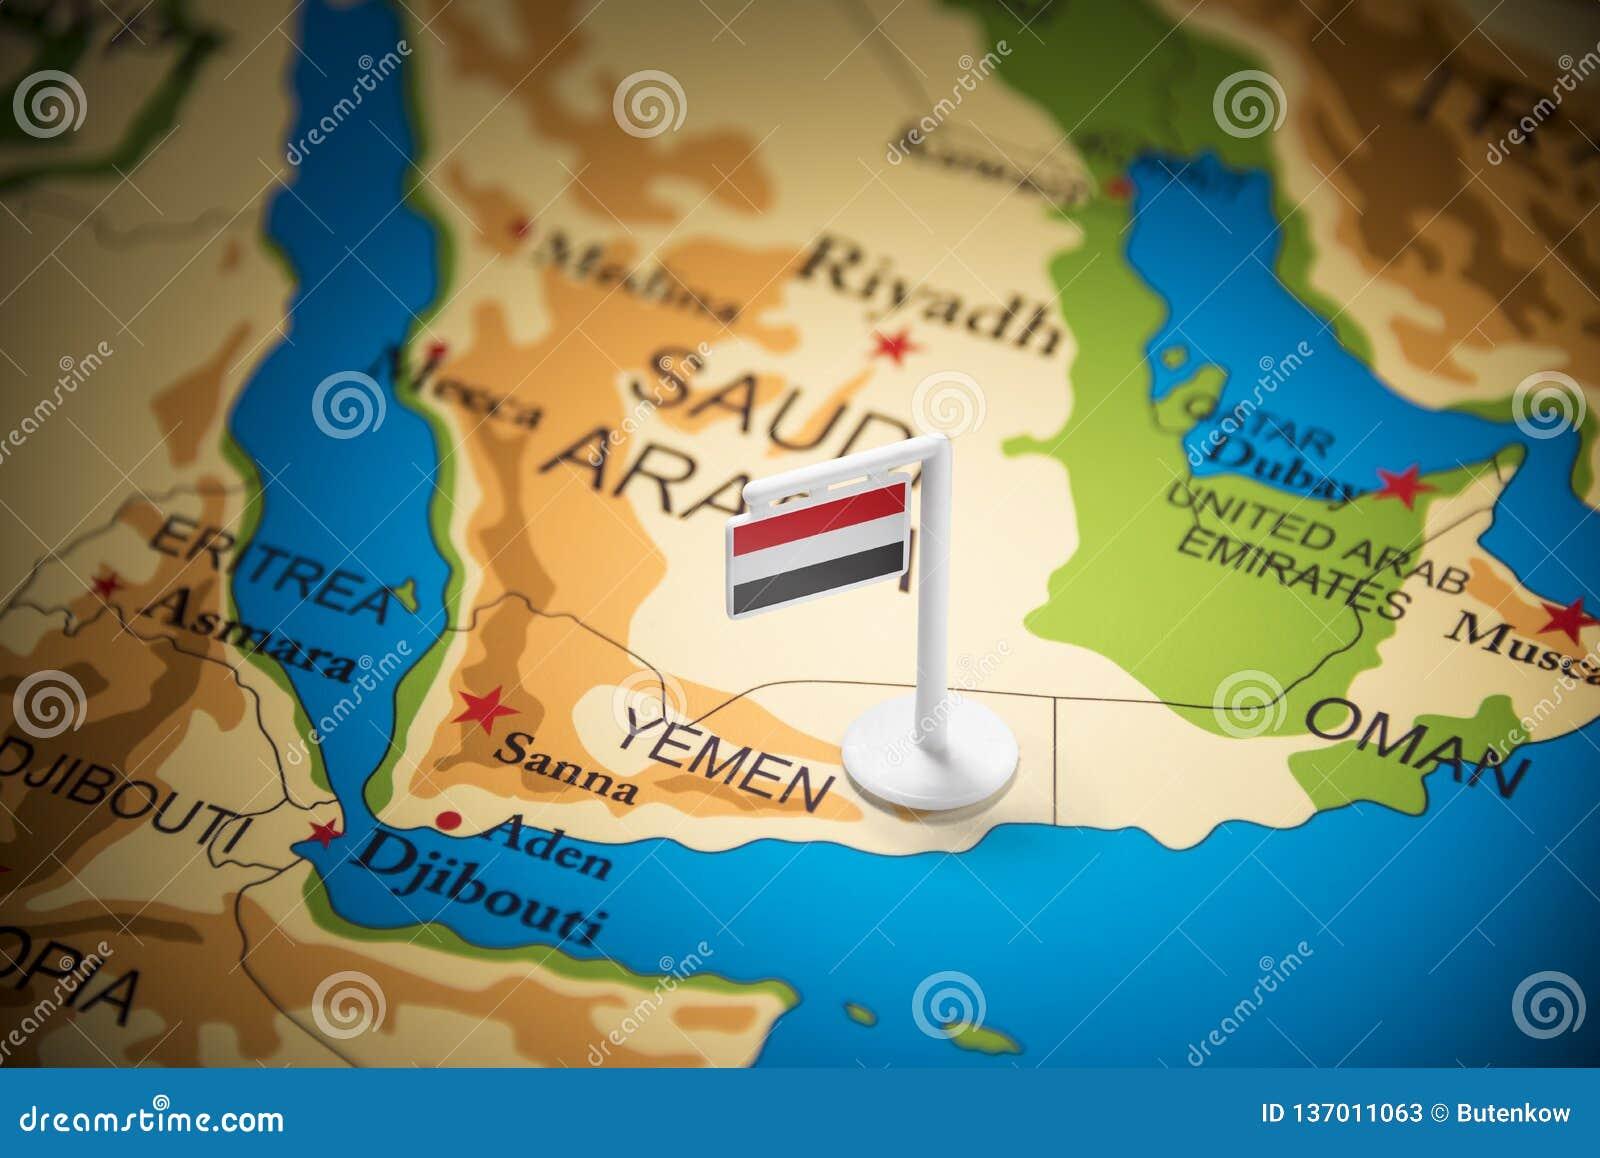 Yemení marcó con una bandera en el mapa